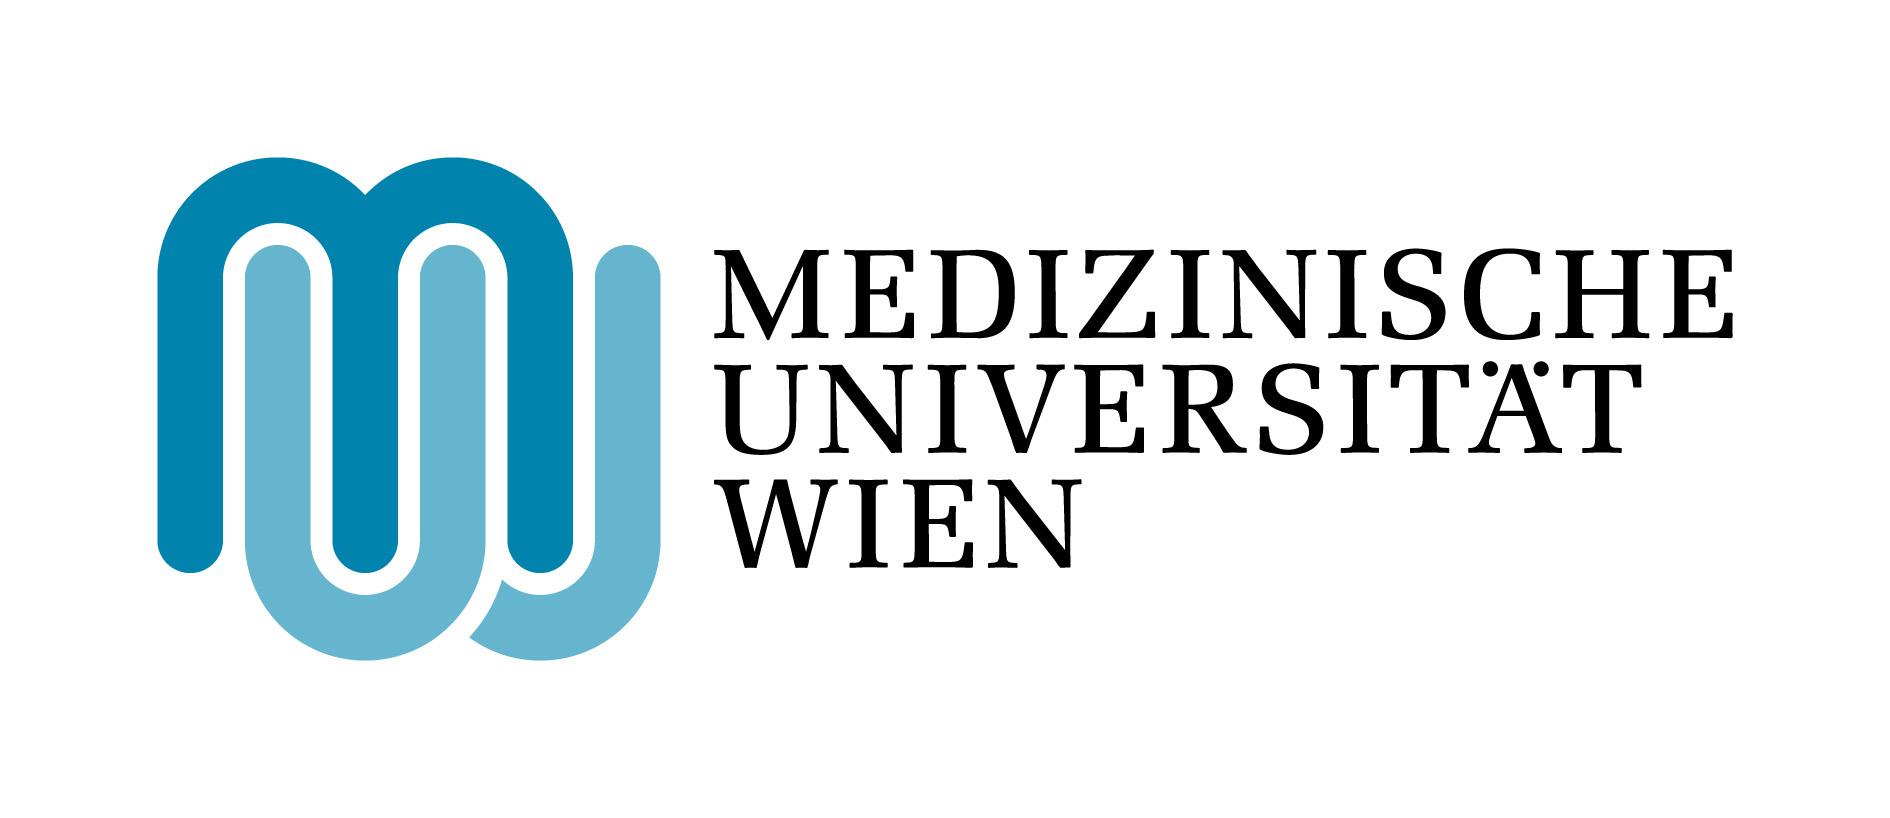 Medizinische-Universität-Wien-Homepage